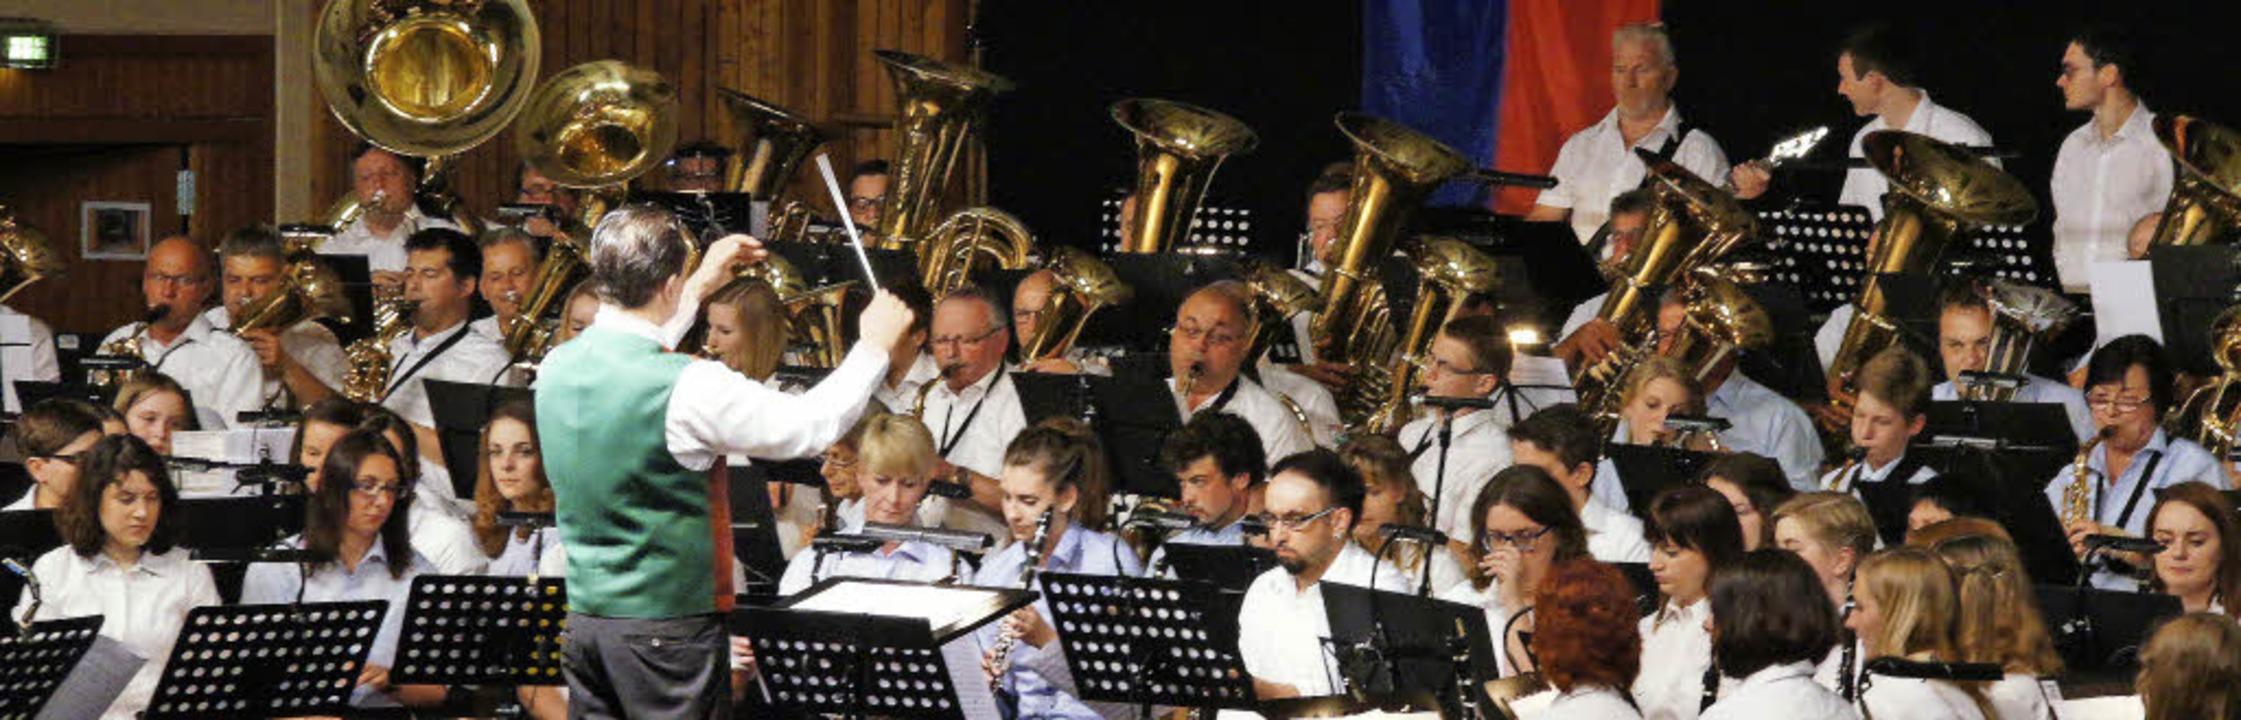 Die Kapellen aus ganz Kenzingen traten...meinsam als großartiges XXL-Orchester.  | Foto: Ilona Hüge